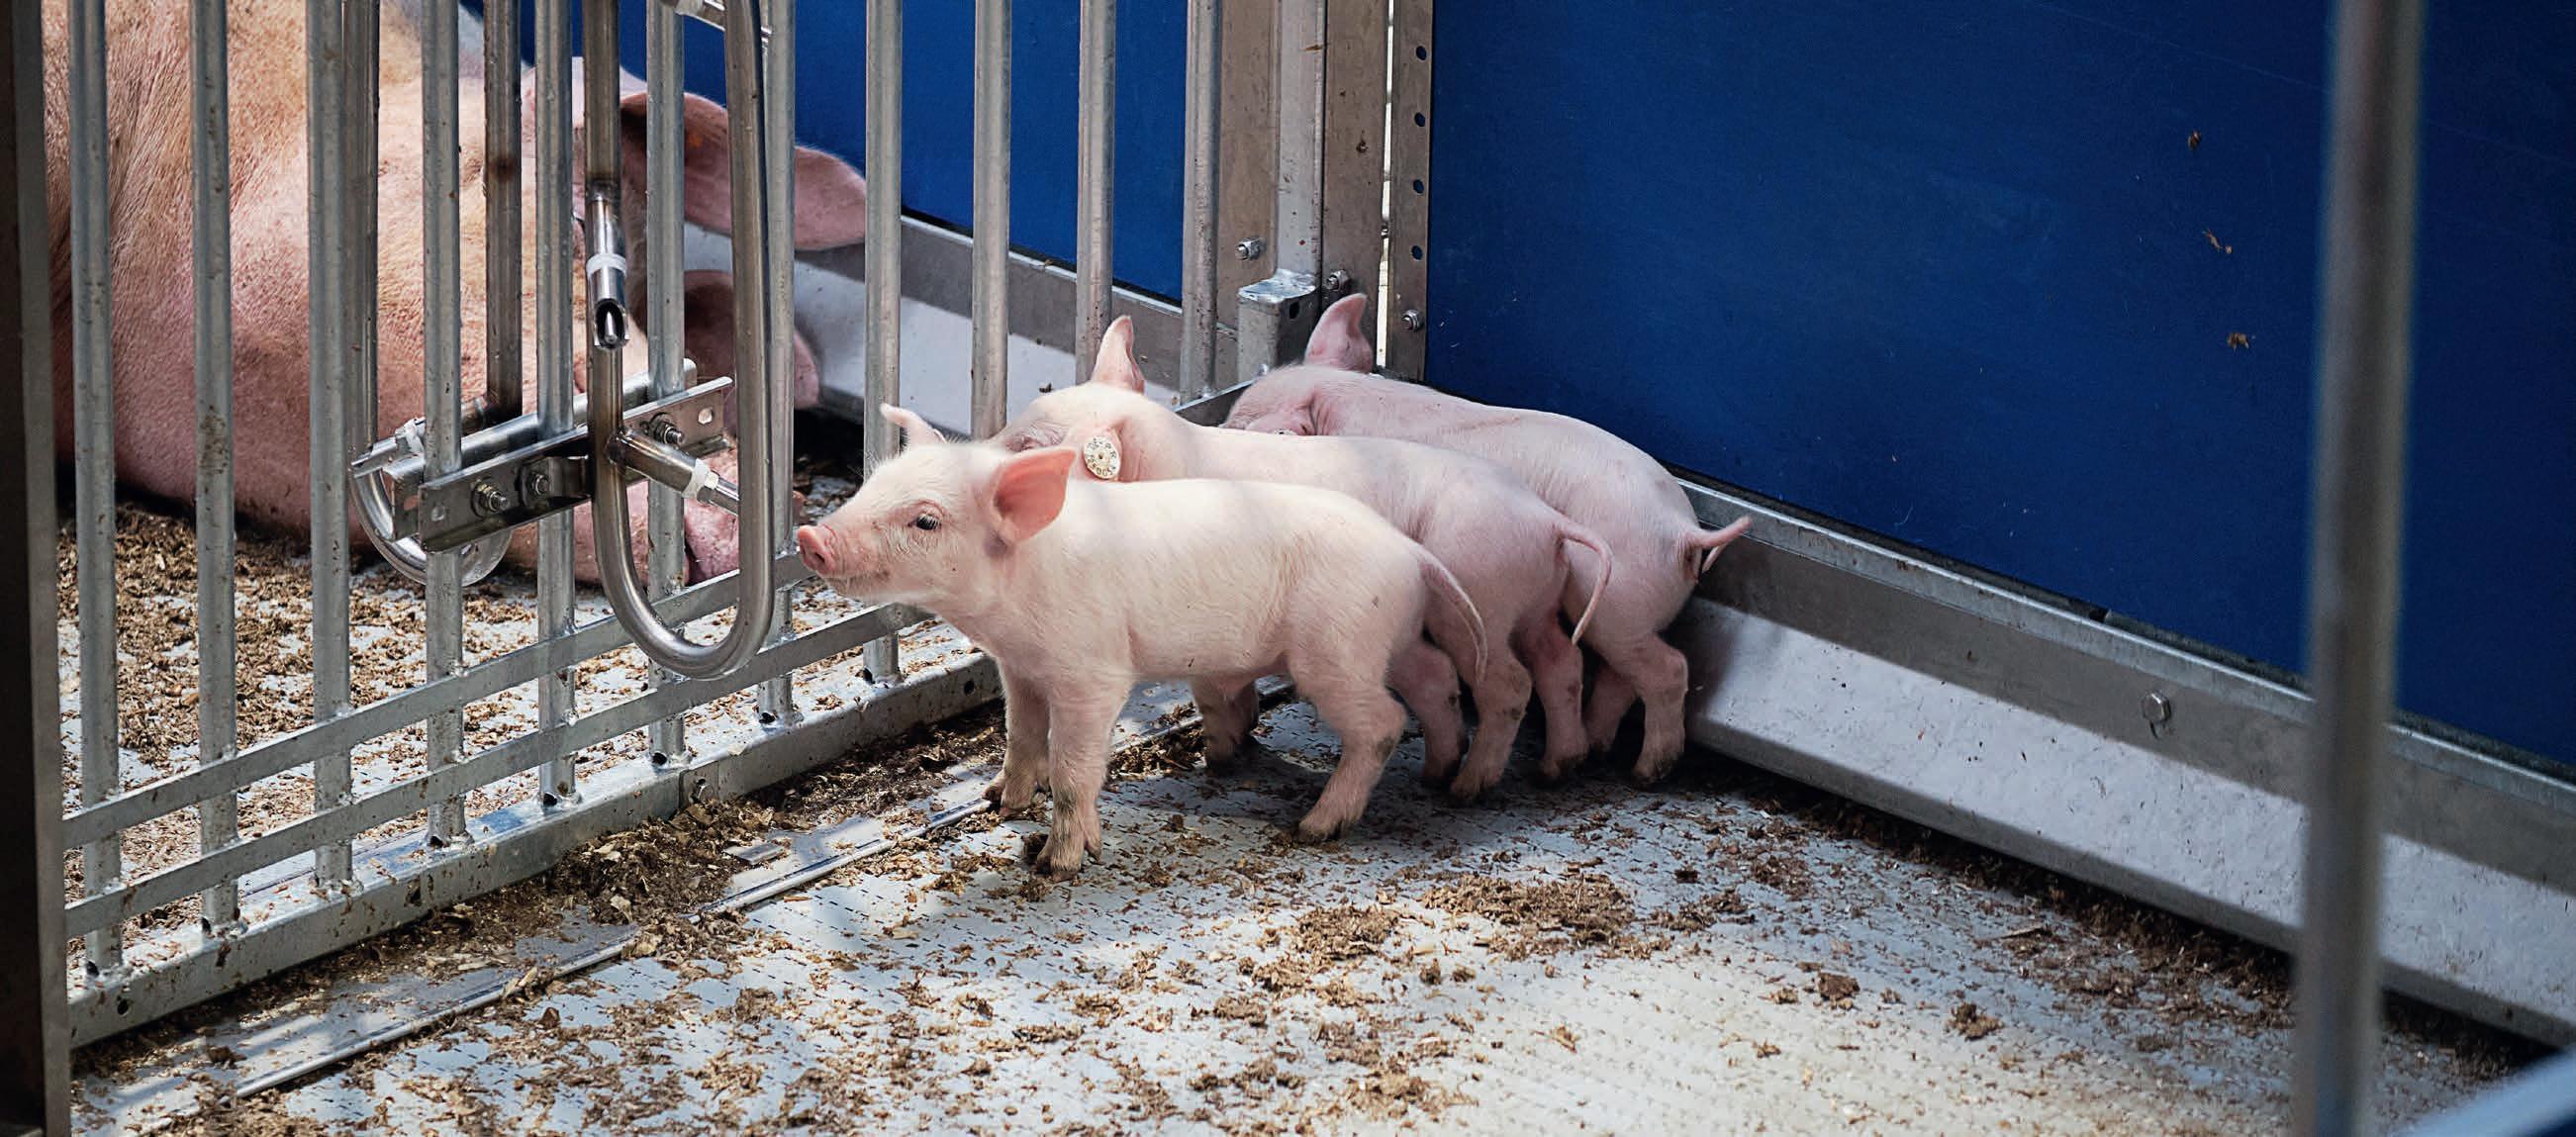 Page 24 of Vision Pig: Emissionsminderung